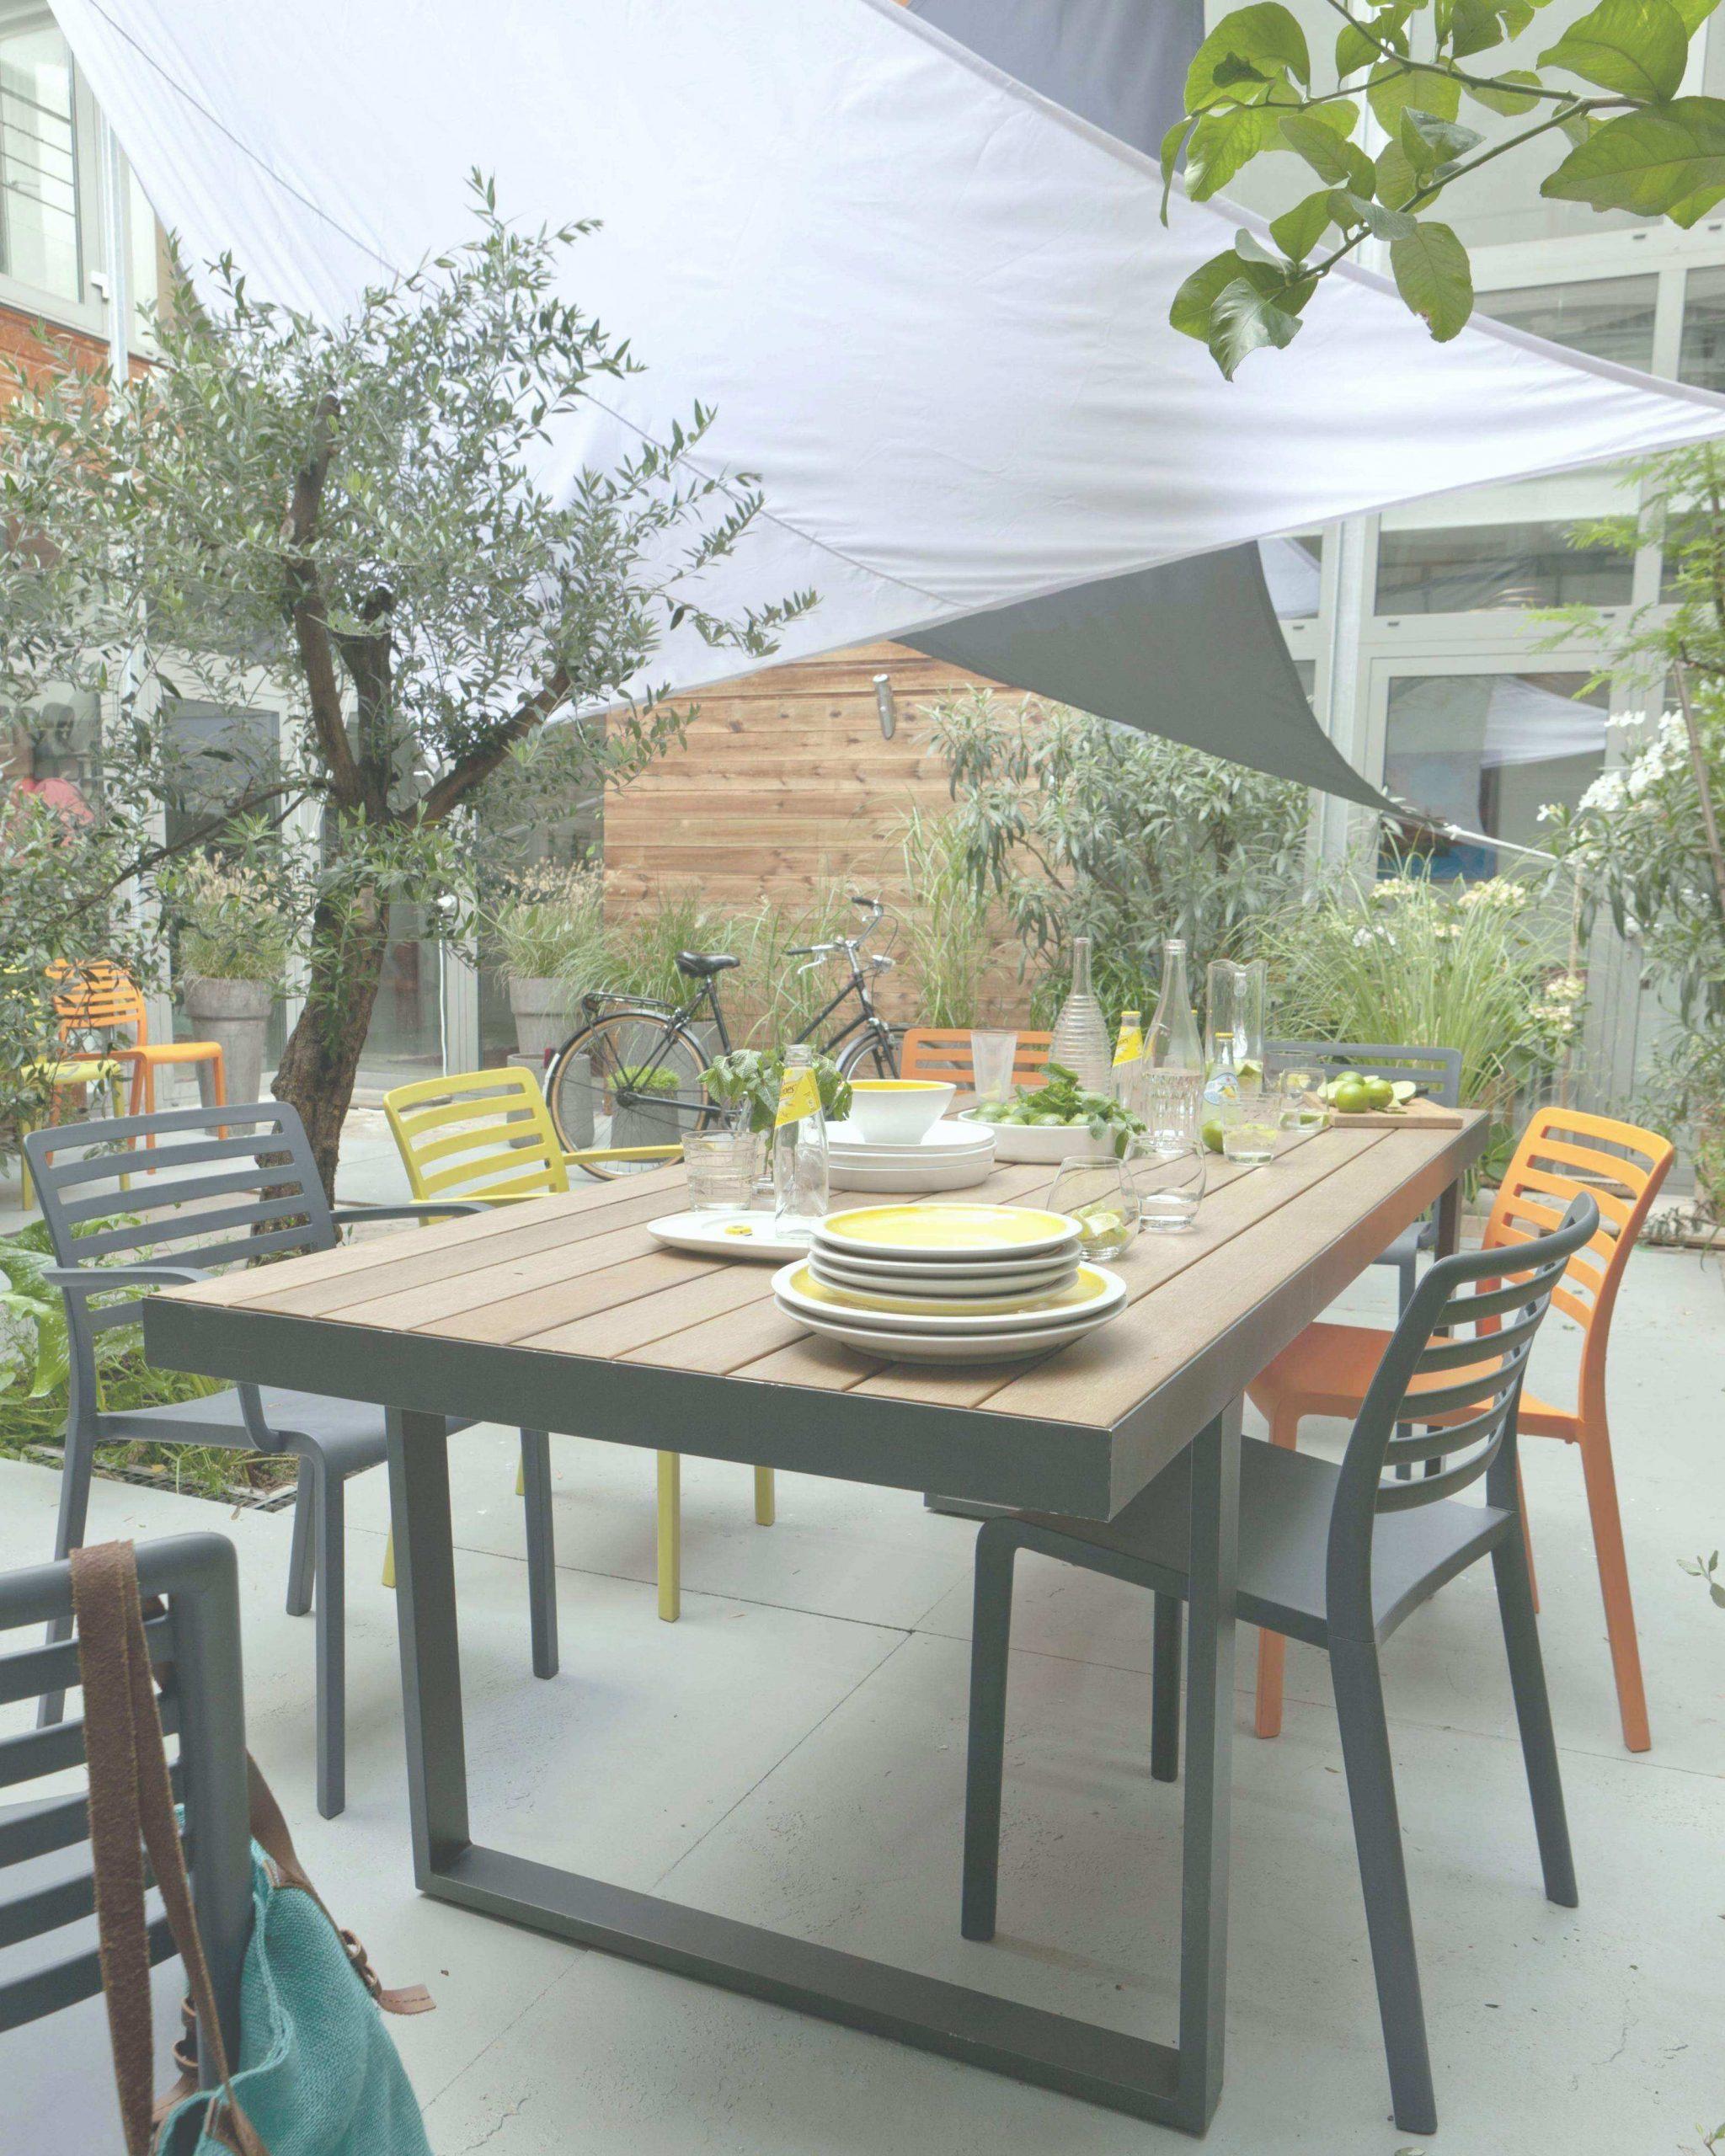 Et Chaise Castorama Cuisine Table De Kufctl1J3 avec Table De Jardin Pliante Castorama